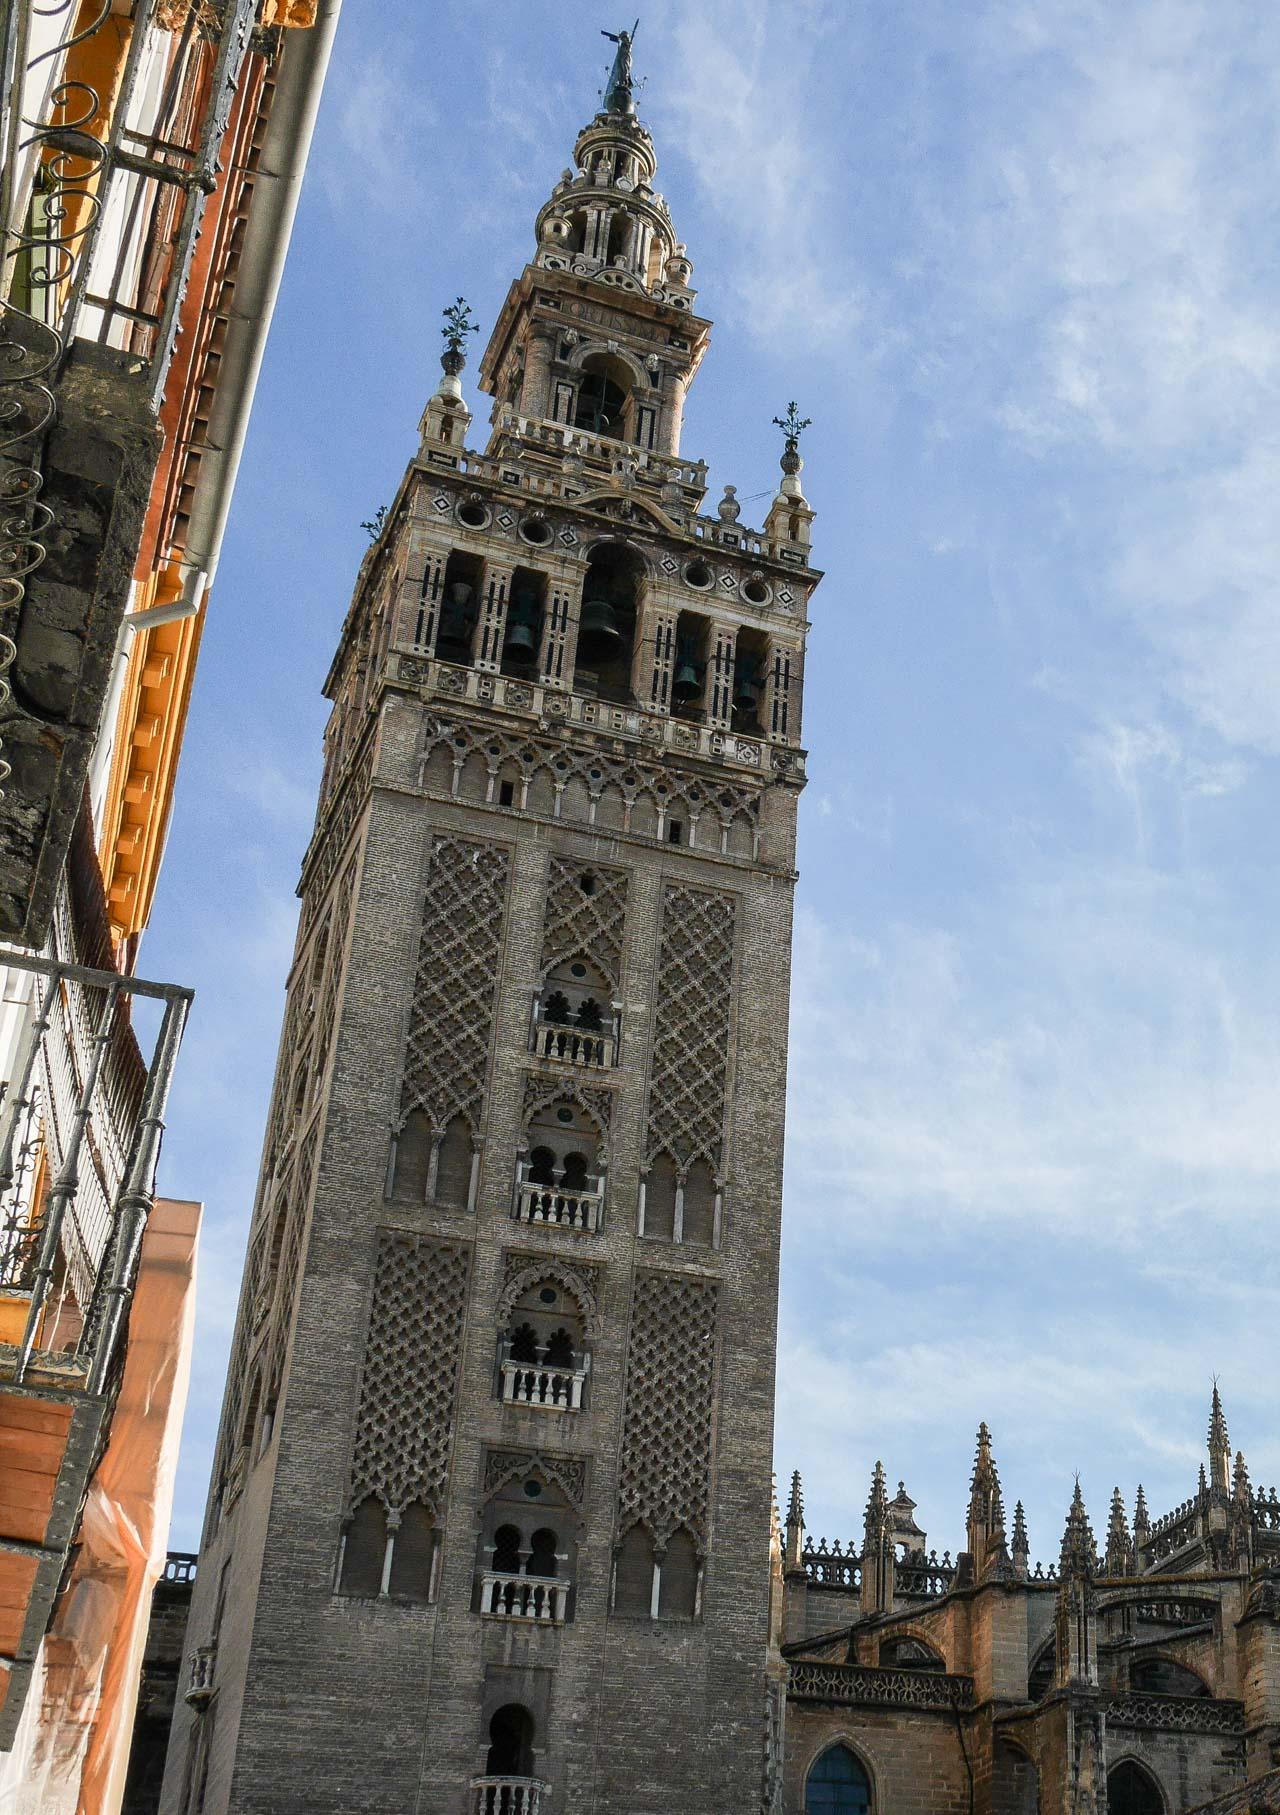 La Giralda : ancien minaret de la cathédrale de Séville